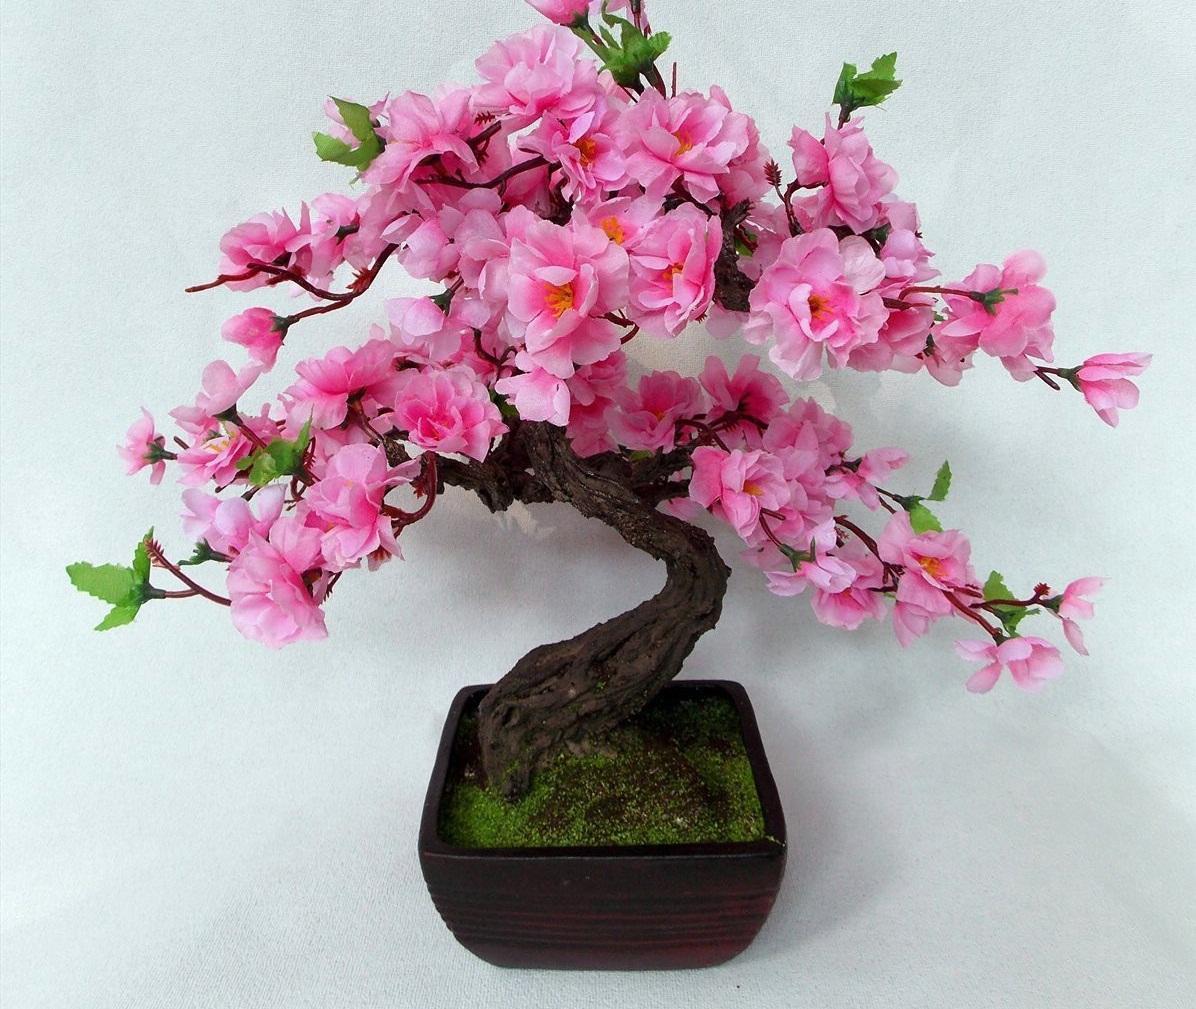 Топиарий из фоамирана в виде сакуры является отличным подарком для человека, который увлекается восточной культурой